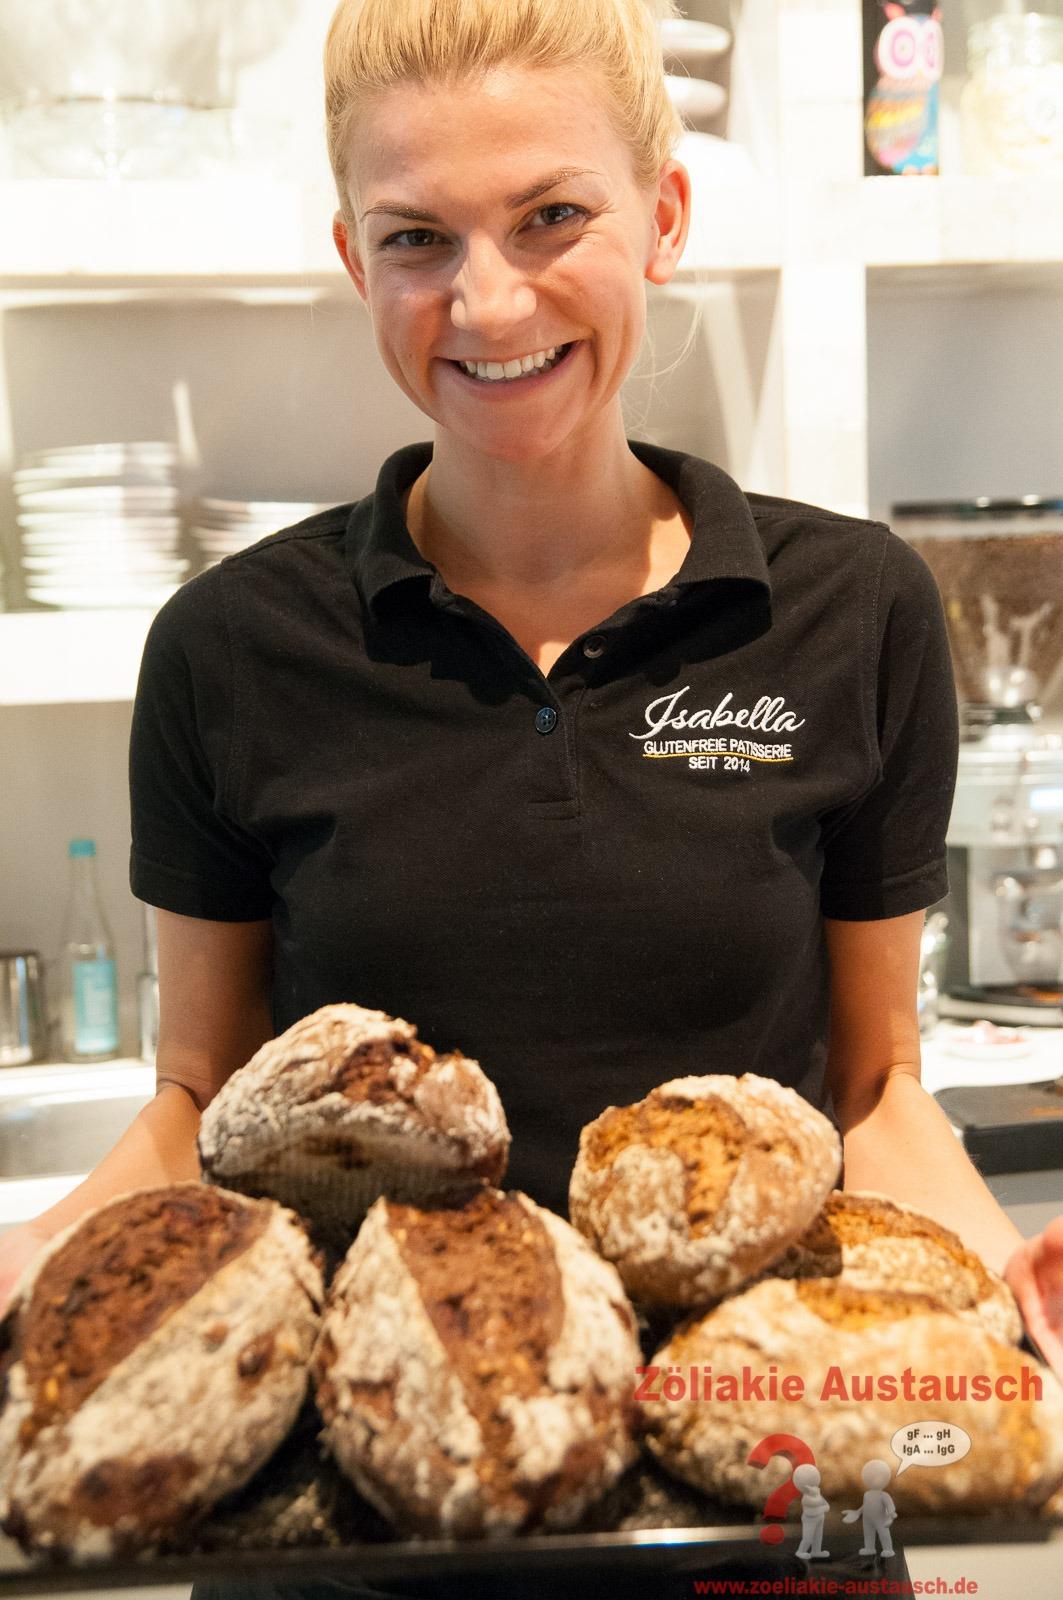 Glutenfreie Backereien Und Cafes Ein Traum Fur Viele